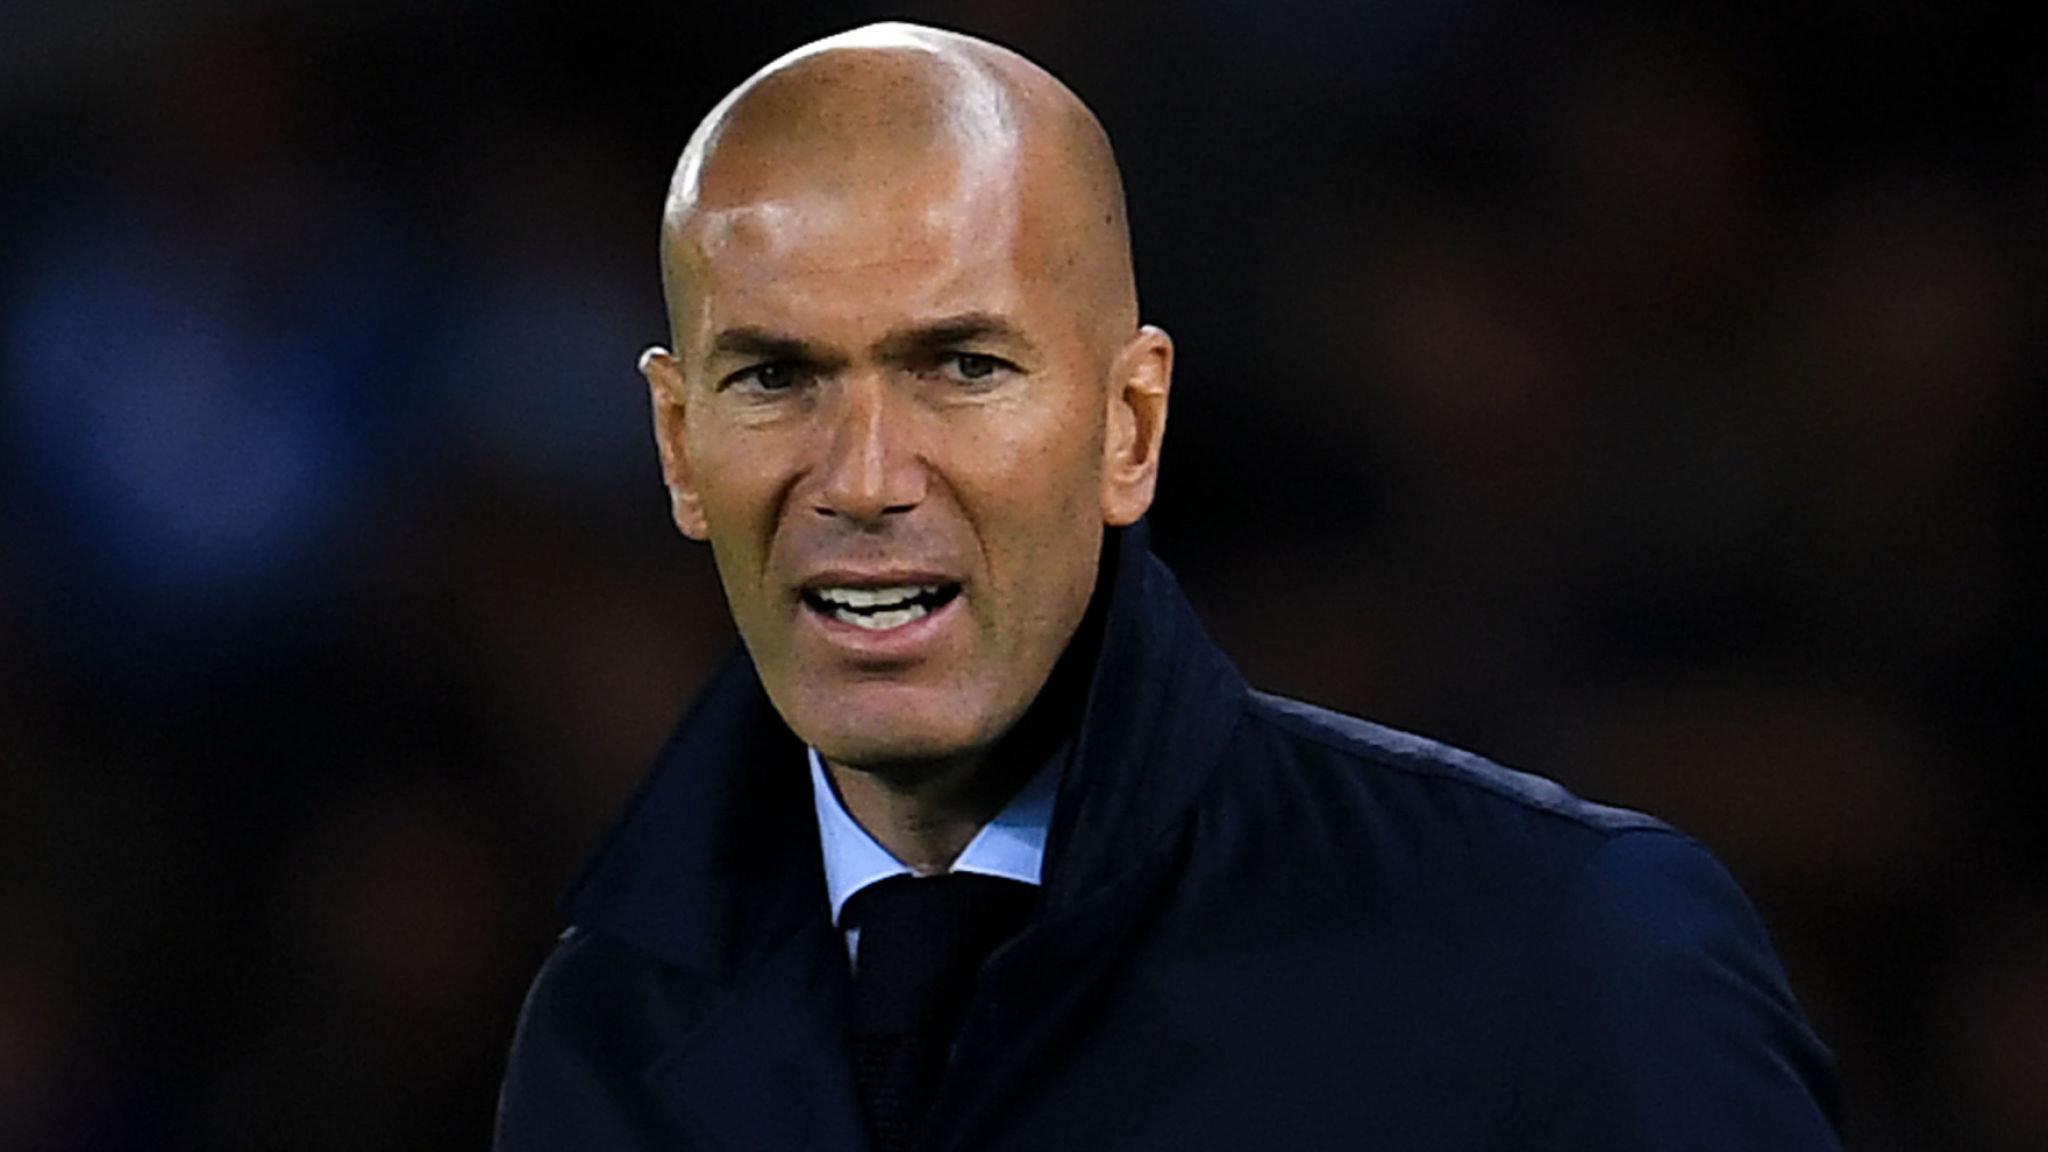 Vídeo: Reforço de última hora desencadeia uma guerra no Real Madrid.